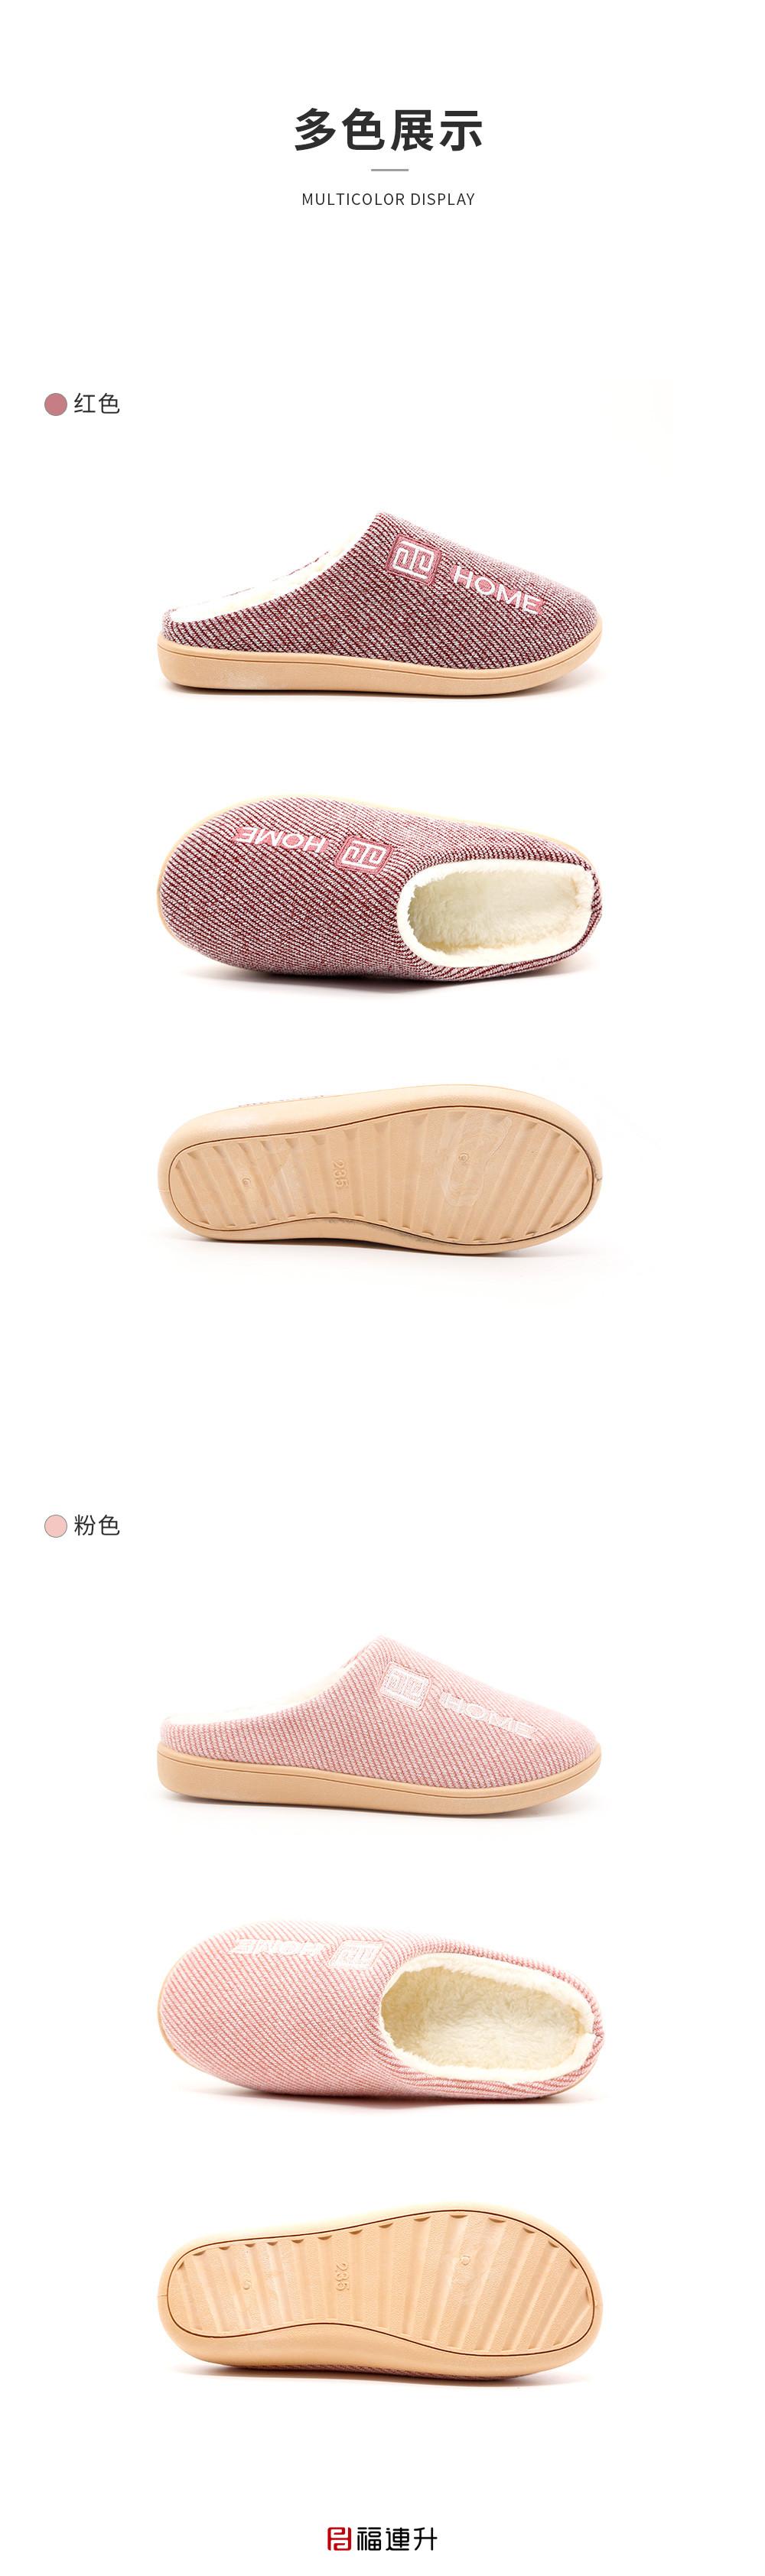 福连升加绒拖鞋女居家室内卧室棉拖鞋平底防滑图片